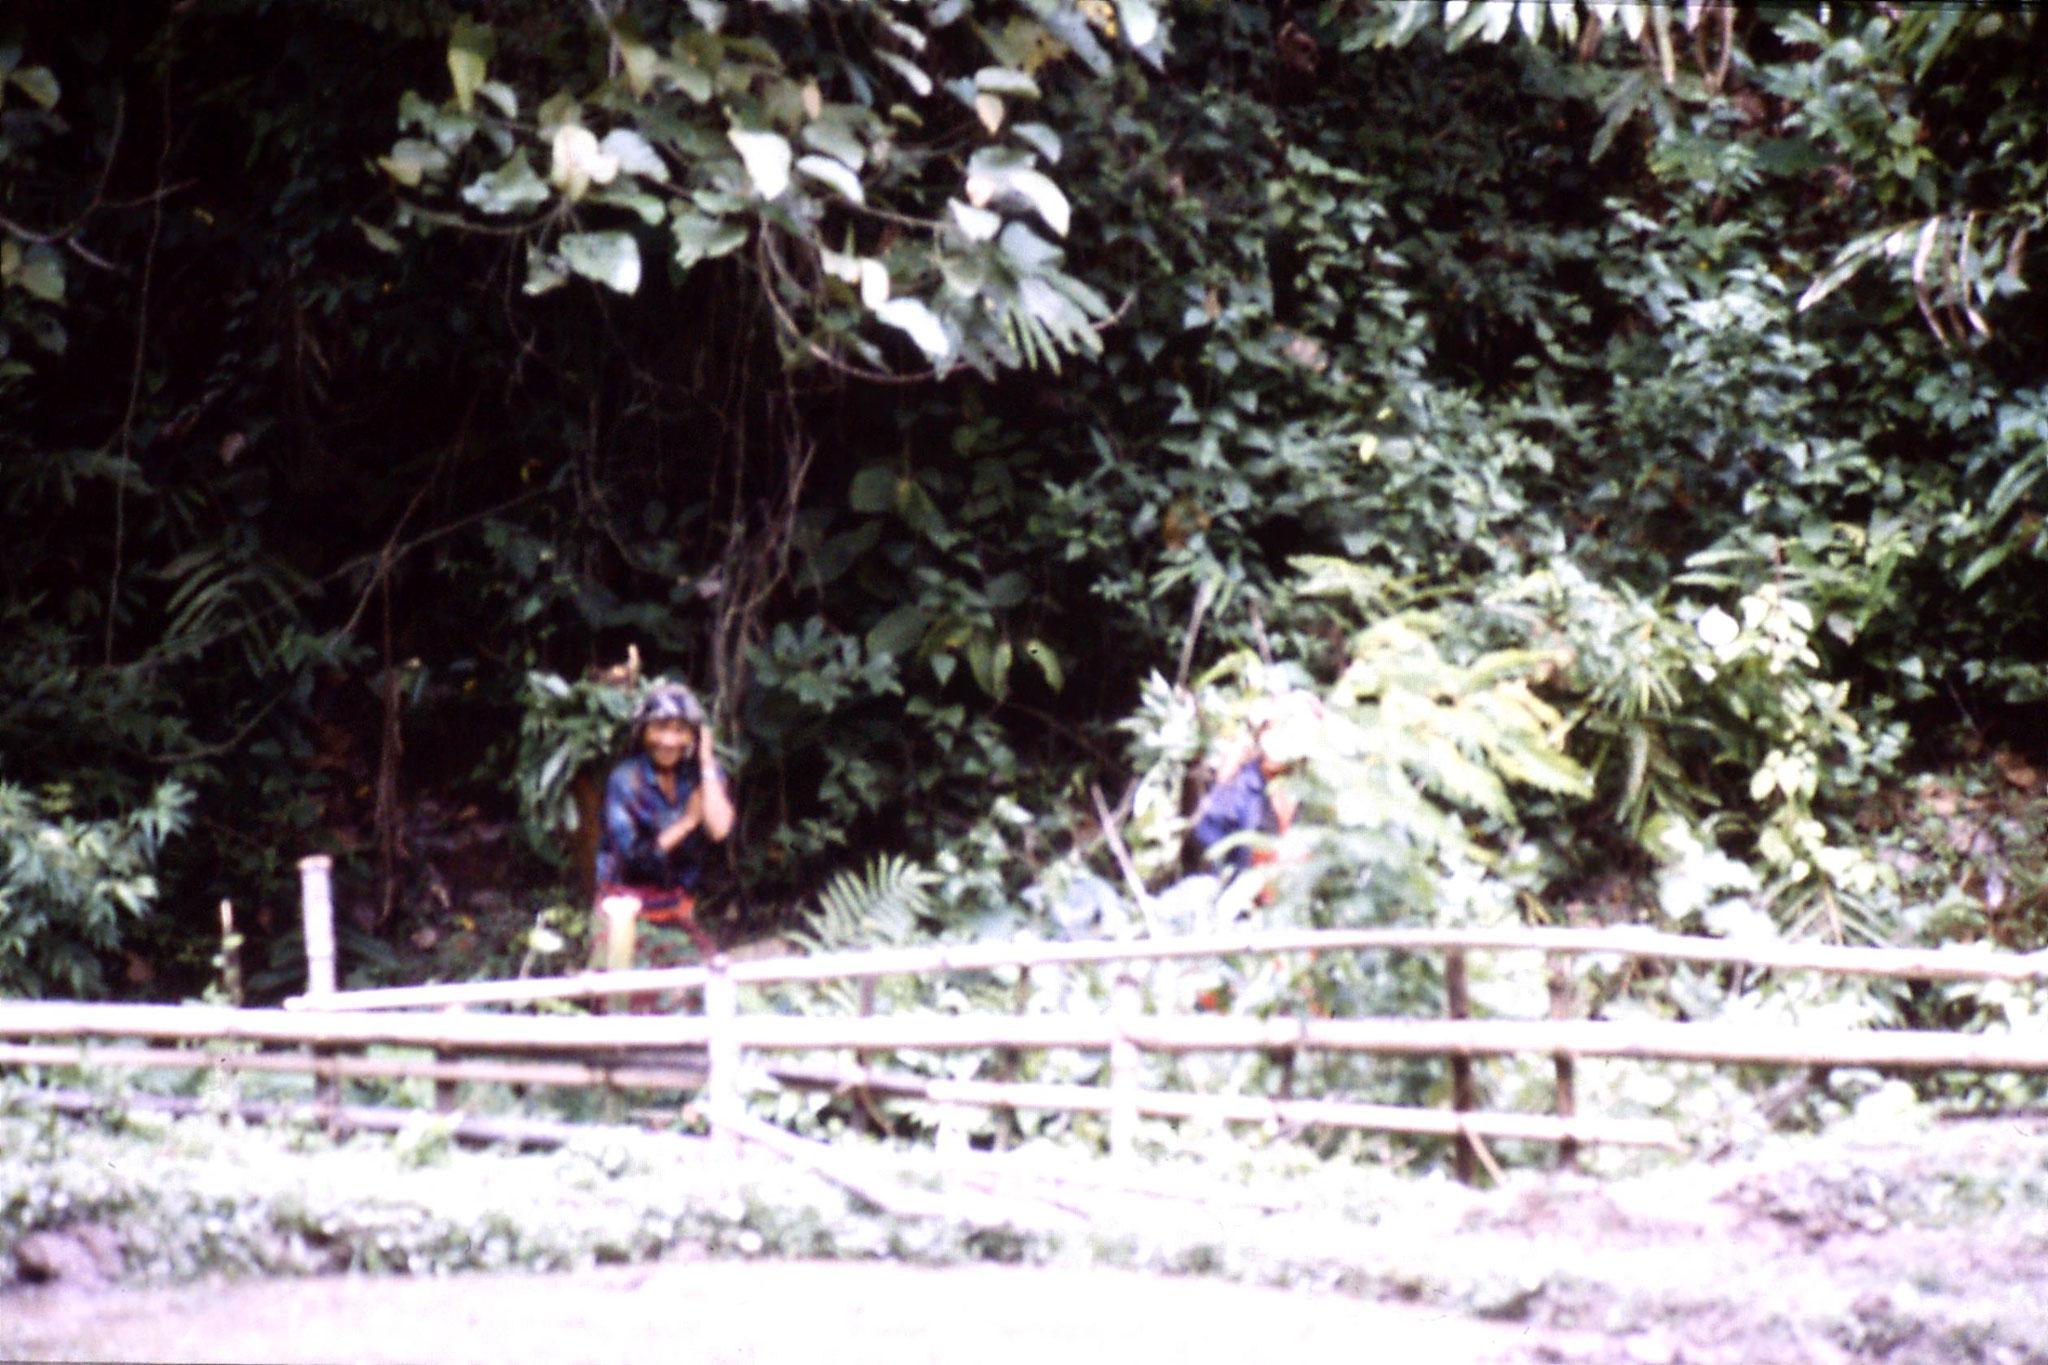 12/6/1990: 13 Trek - Mae Mi village (Karen)